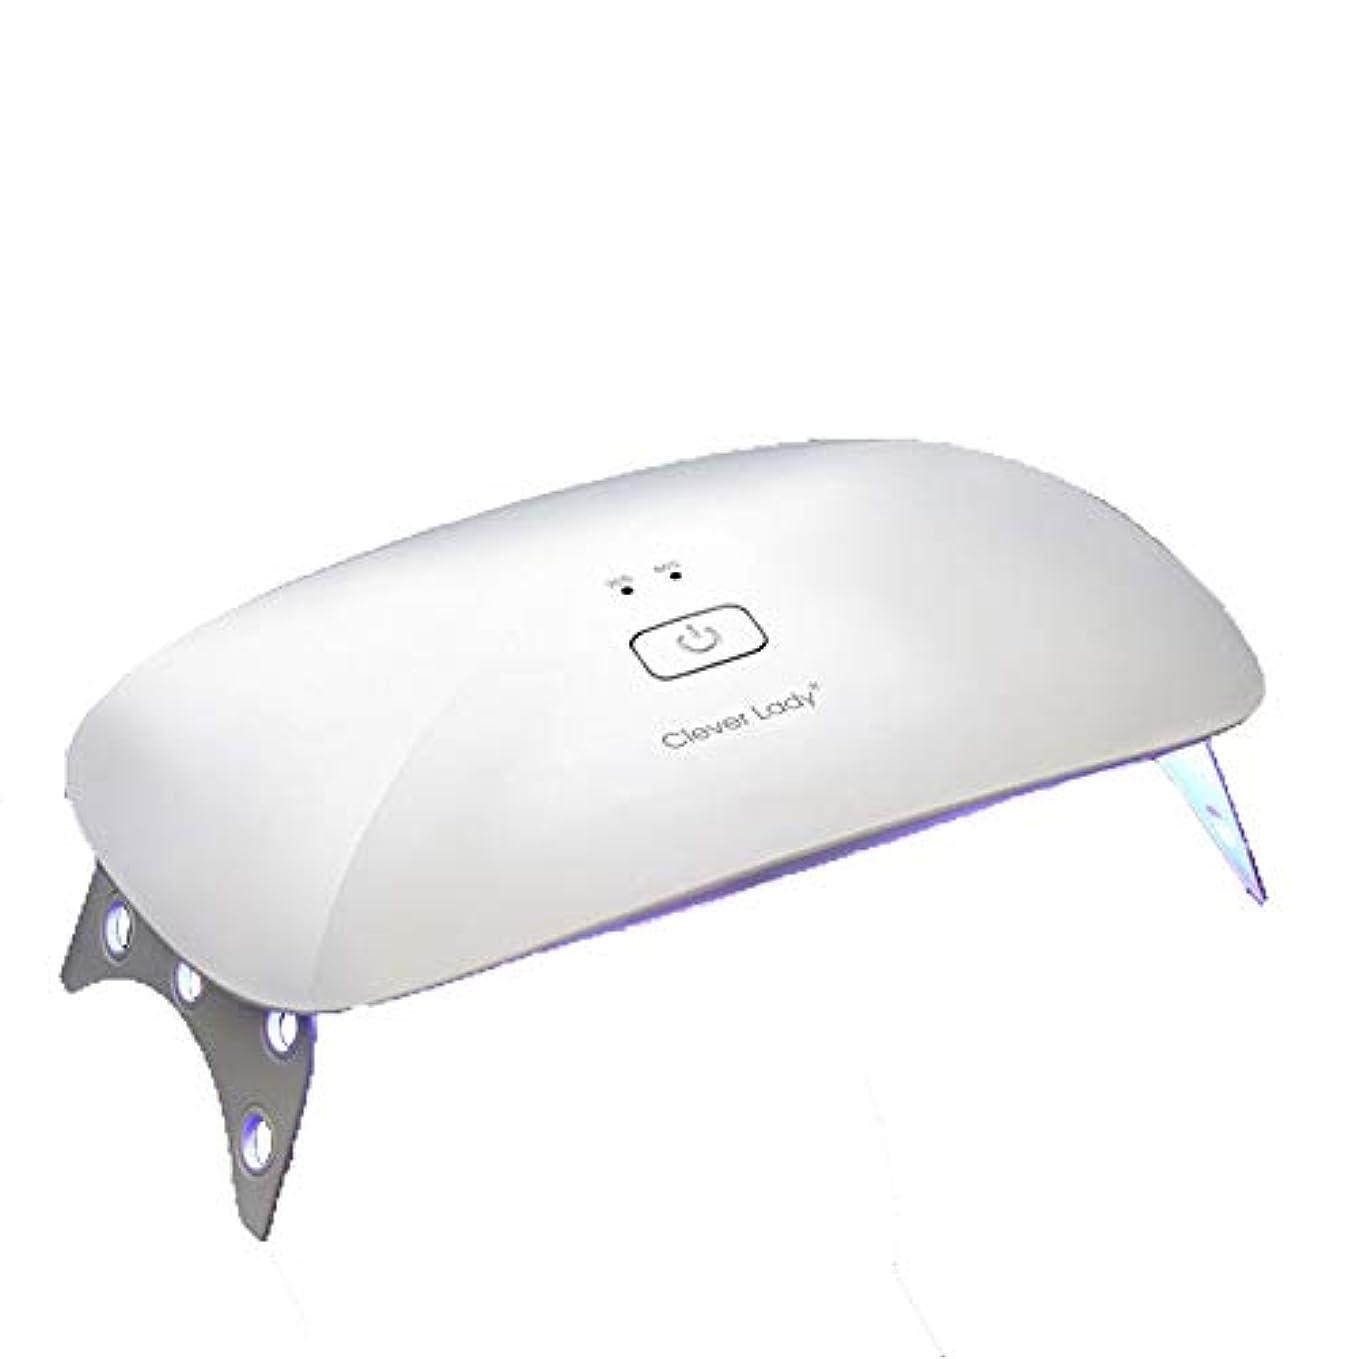 間隔一過性定規LEDネイル光線療法機、ホームインテリジェント自動誘導ネイル硬化機折りたたみ式クイックドライヤー、ポータブルネイルポリッシャー